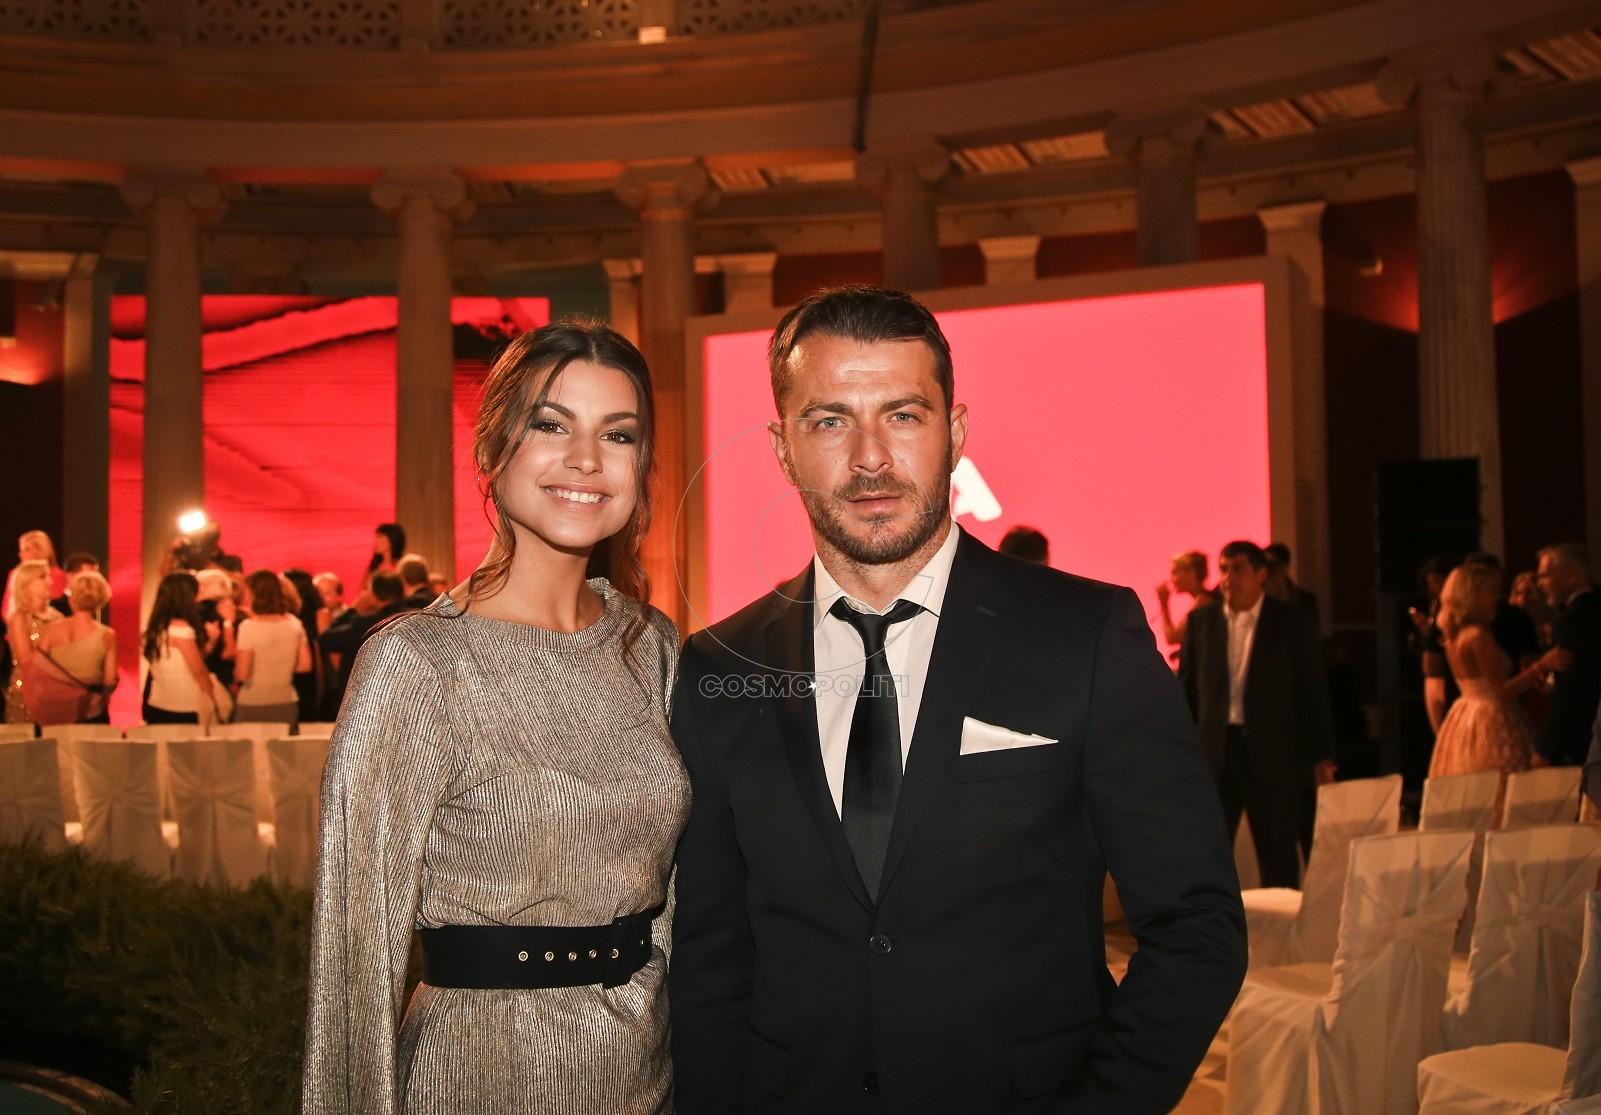 Δανάη Παππά & Γιώργος Αγγελόπουλος